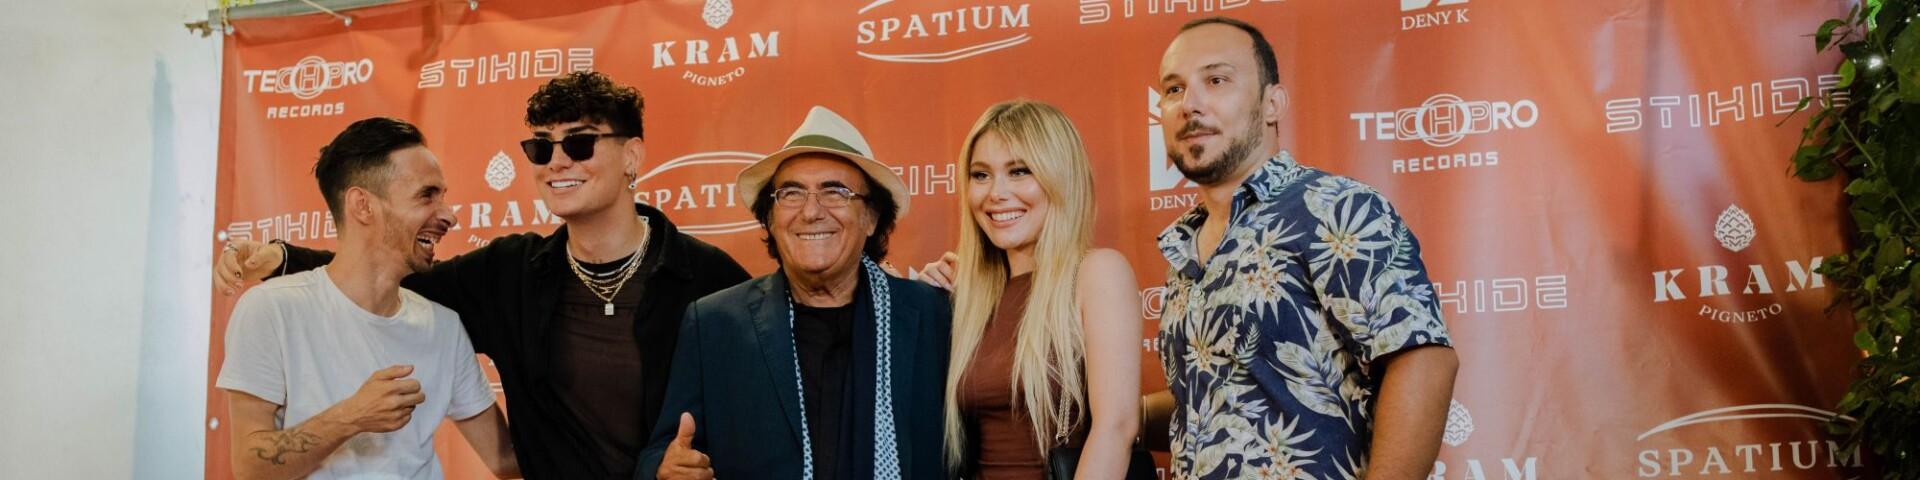 Festa al Kram con Albano per il nuovo singolo di Jasmine Carrisi e Deny K: foto e video interviste